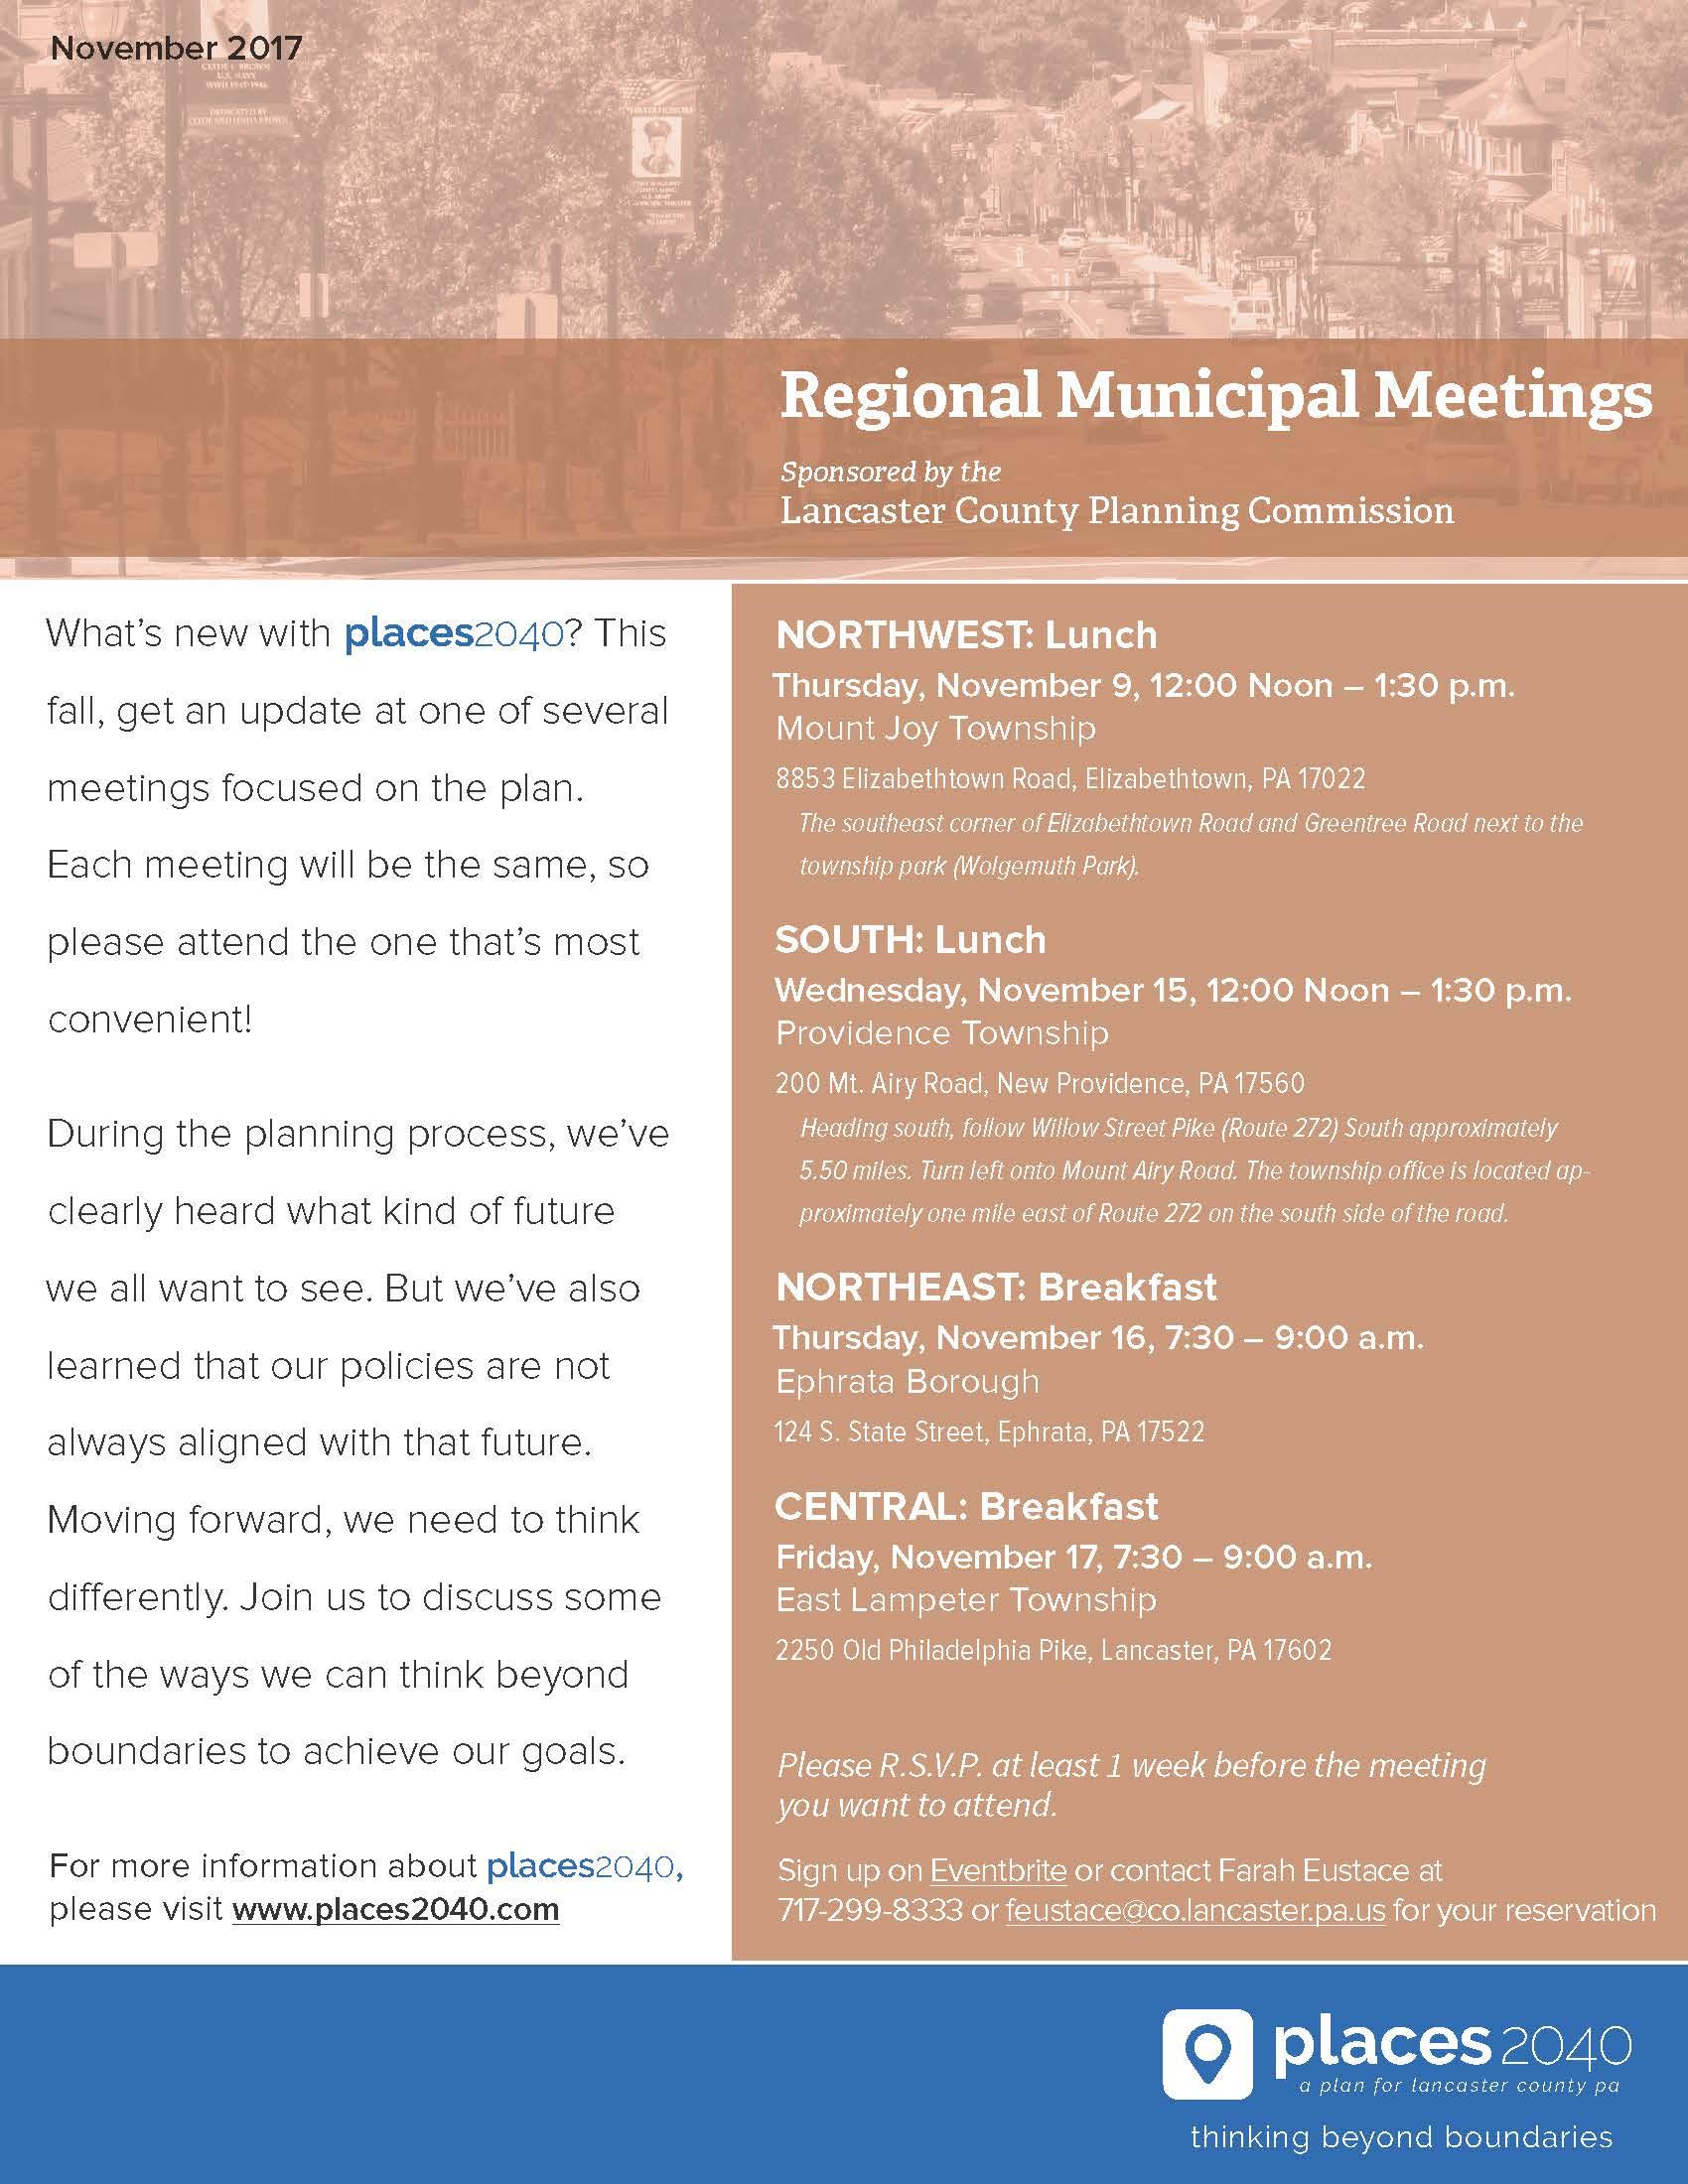 Regional Municipal Meeting Flyer